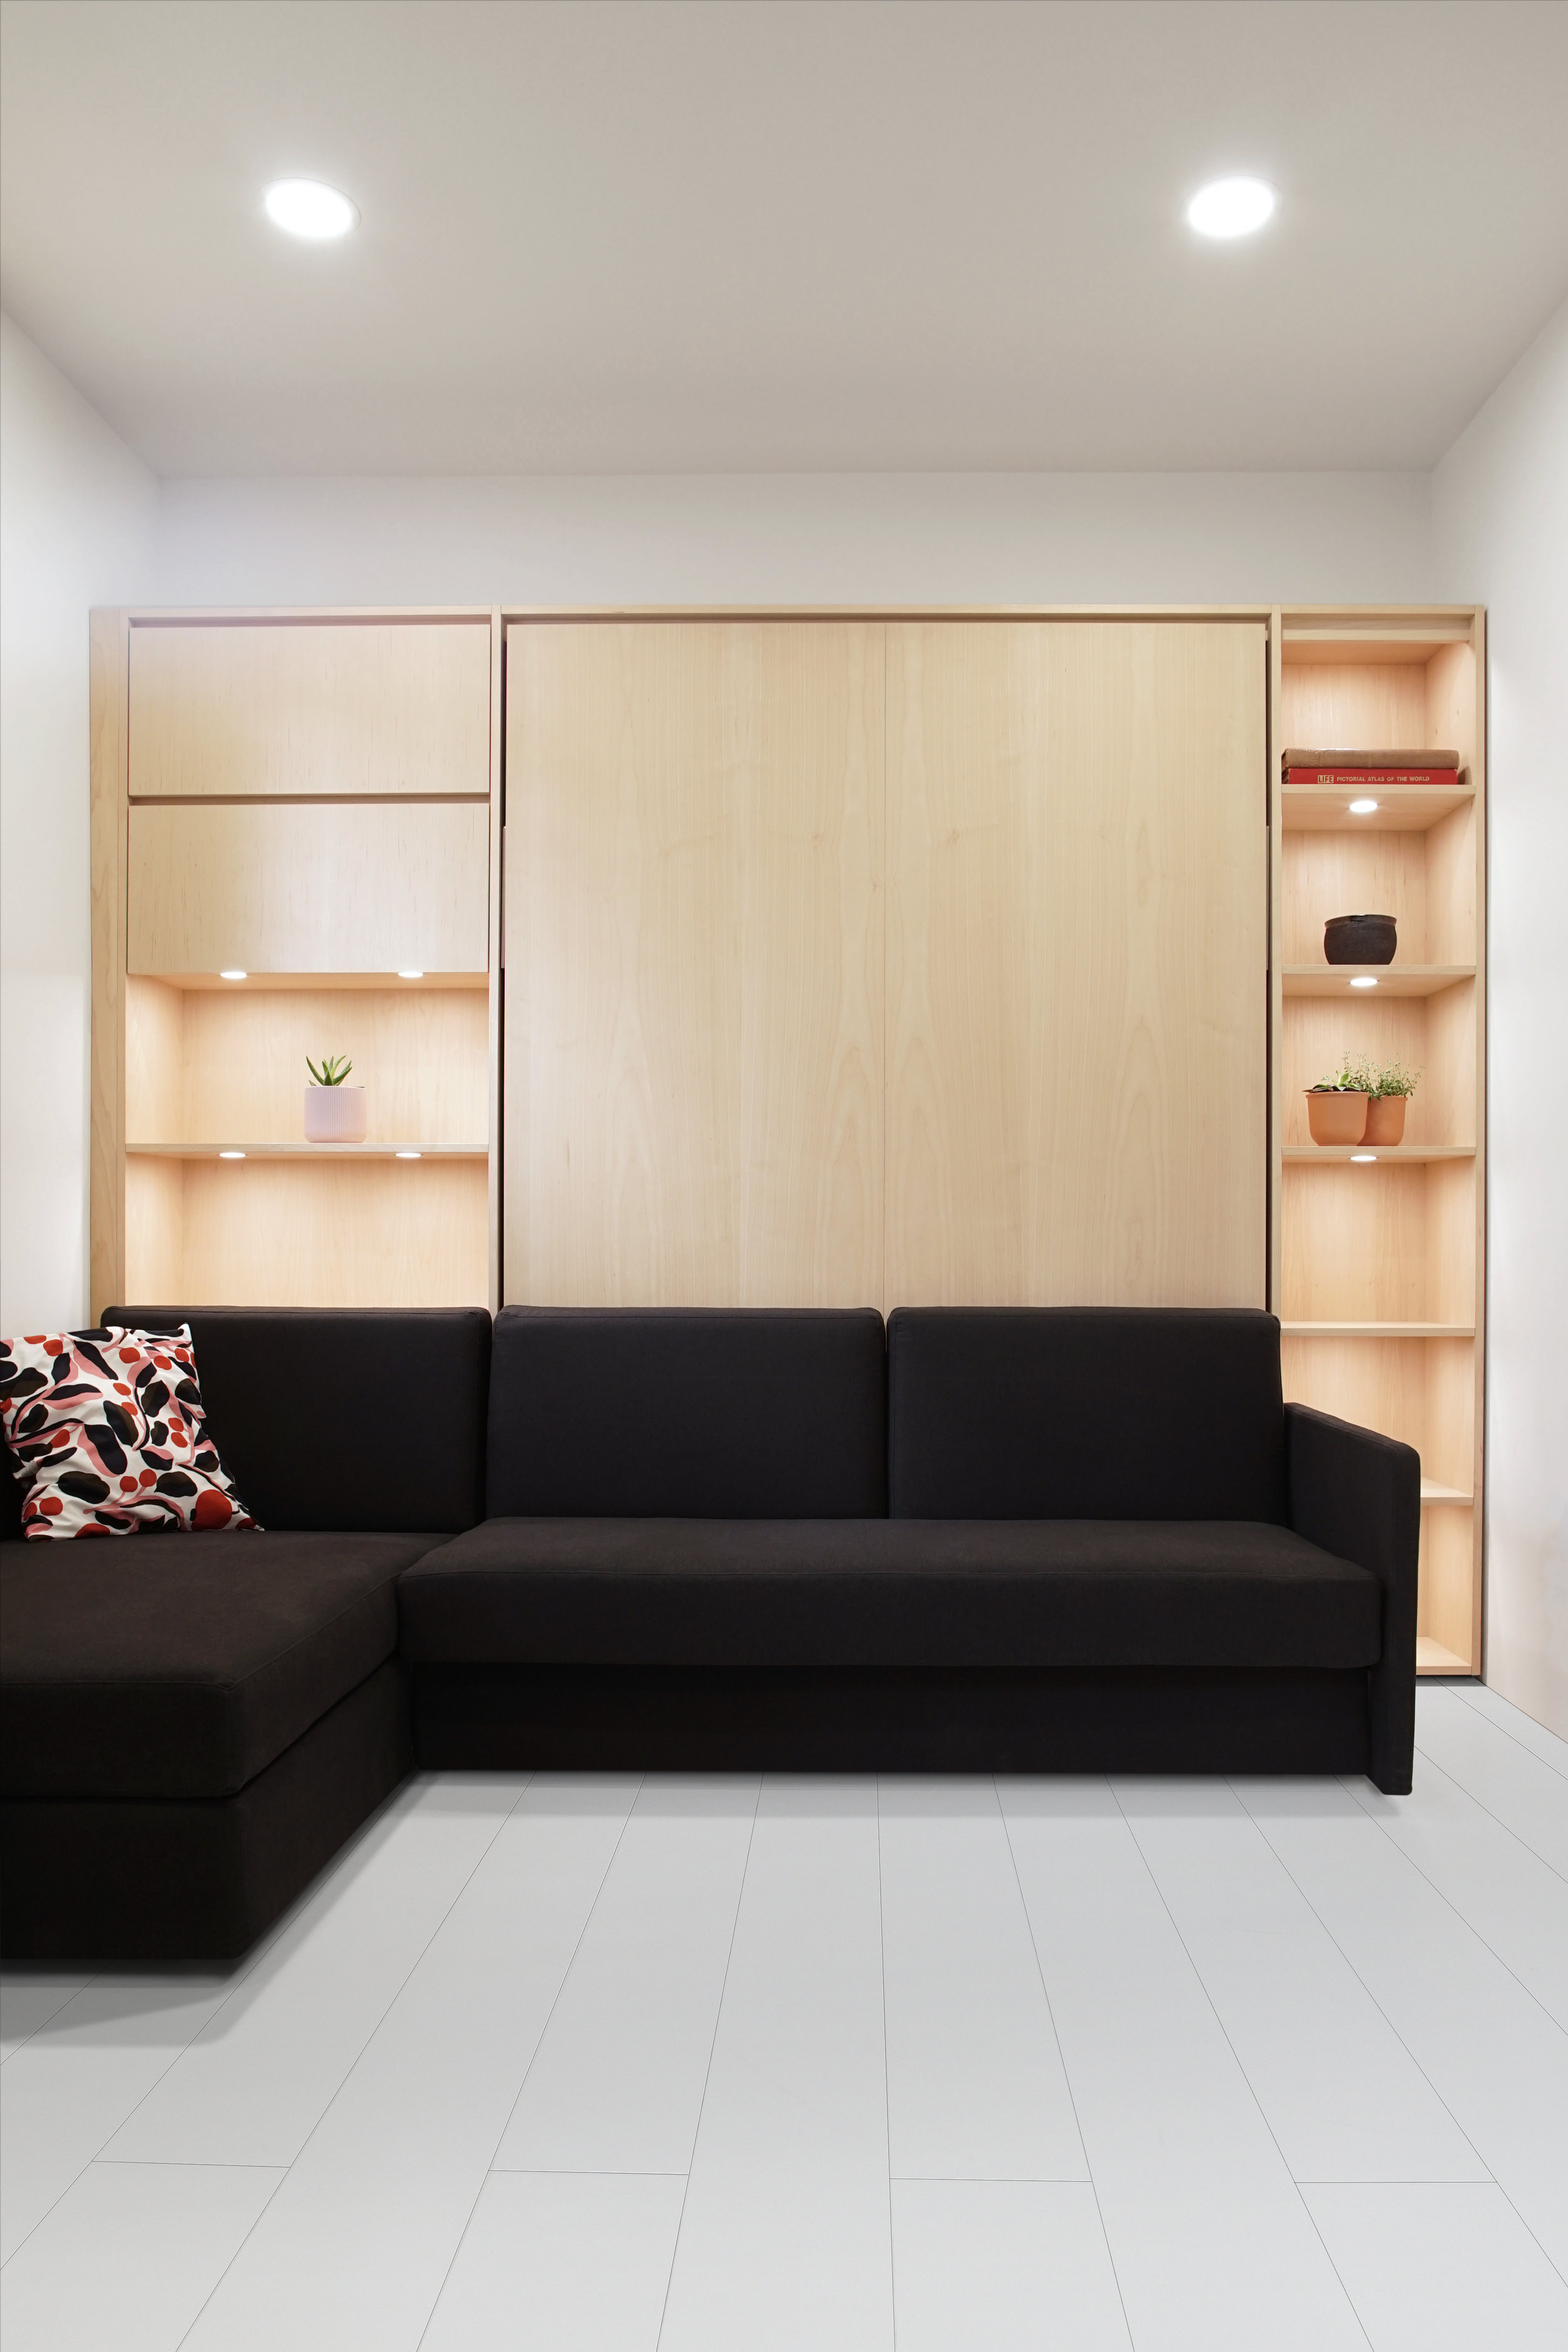 Wallbed Murphy Sofa bed Vancouver Maple Nexus Eddy bed.jpg